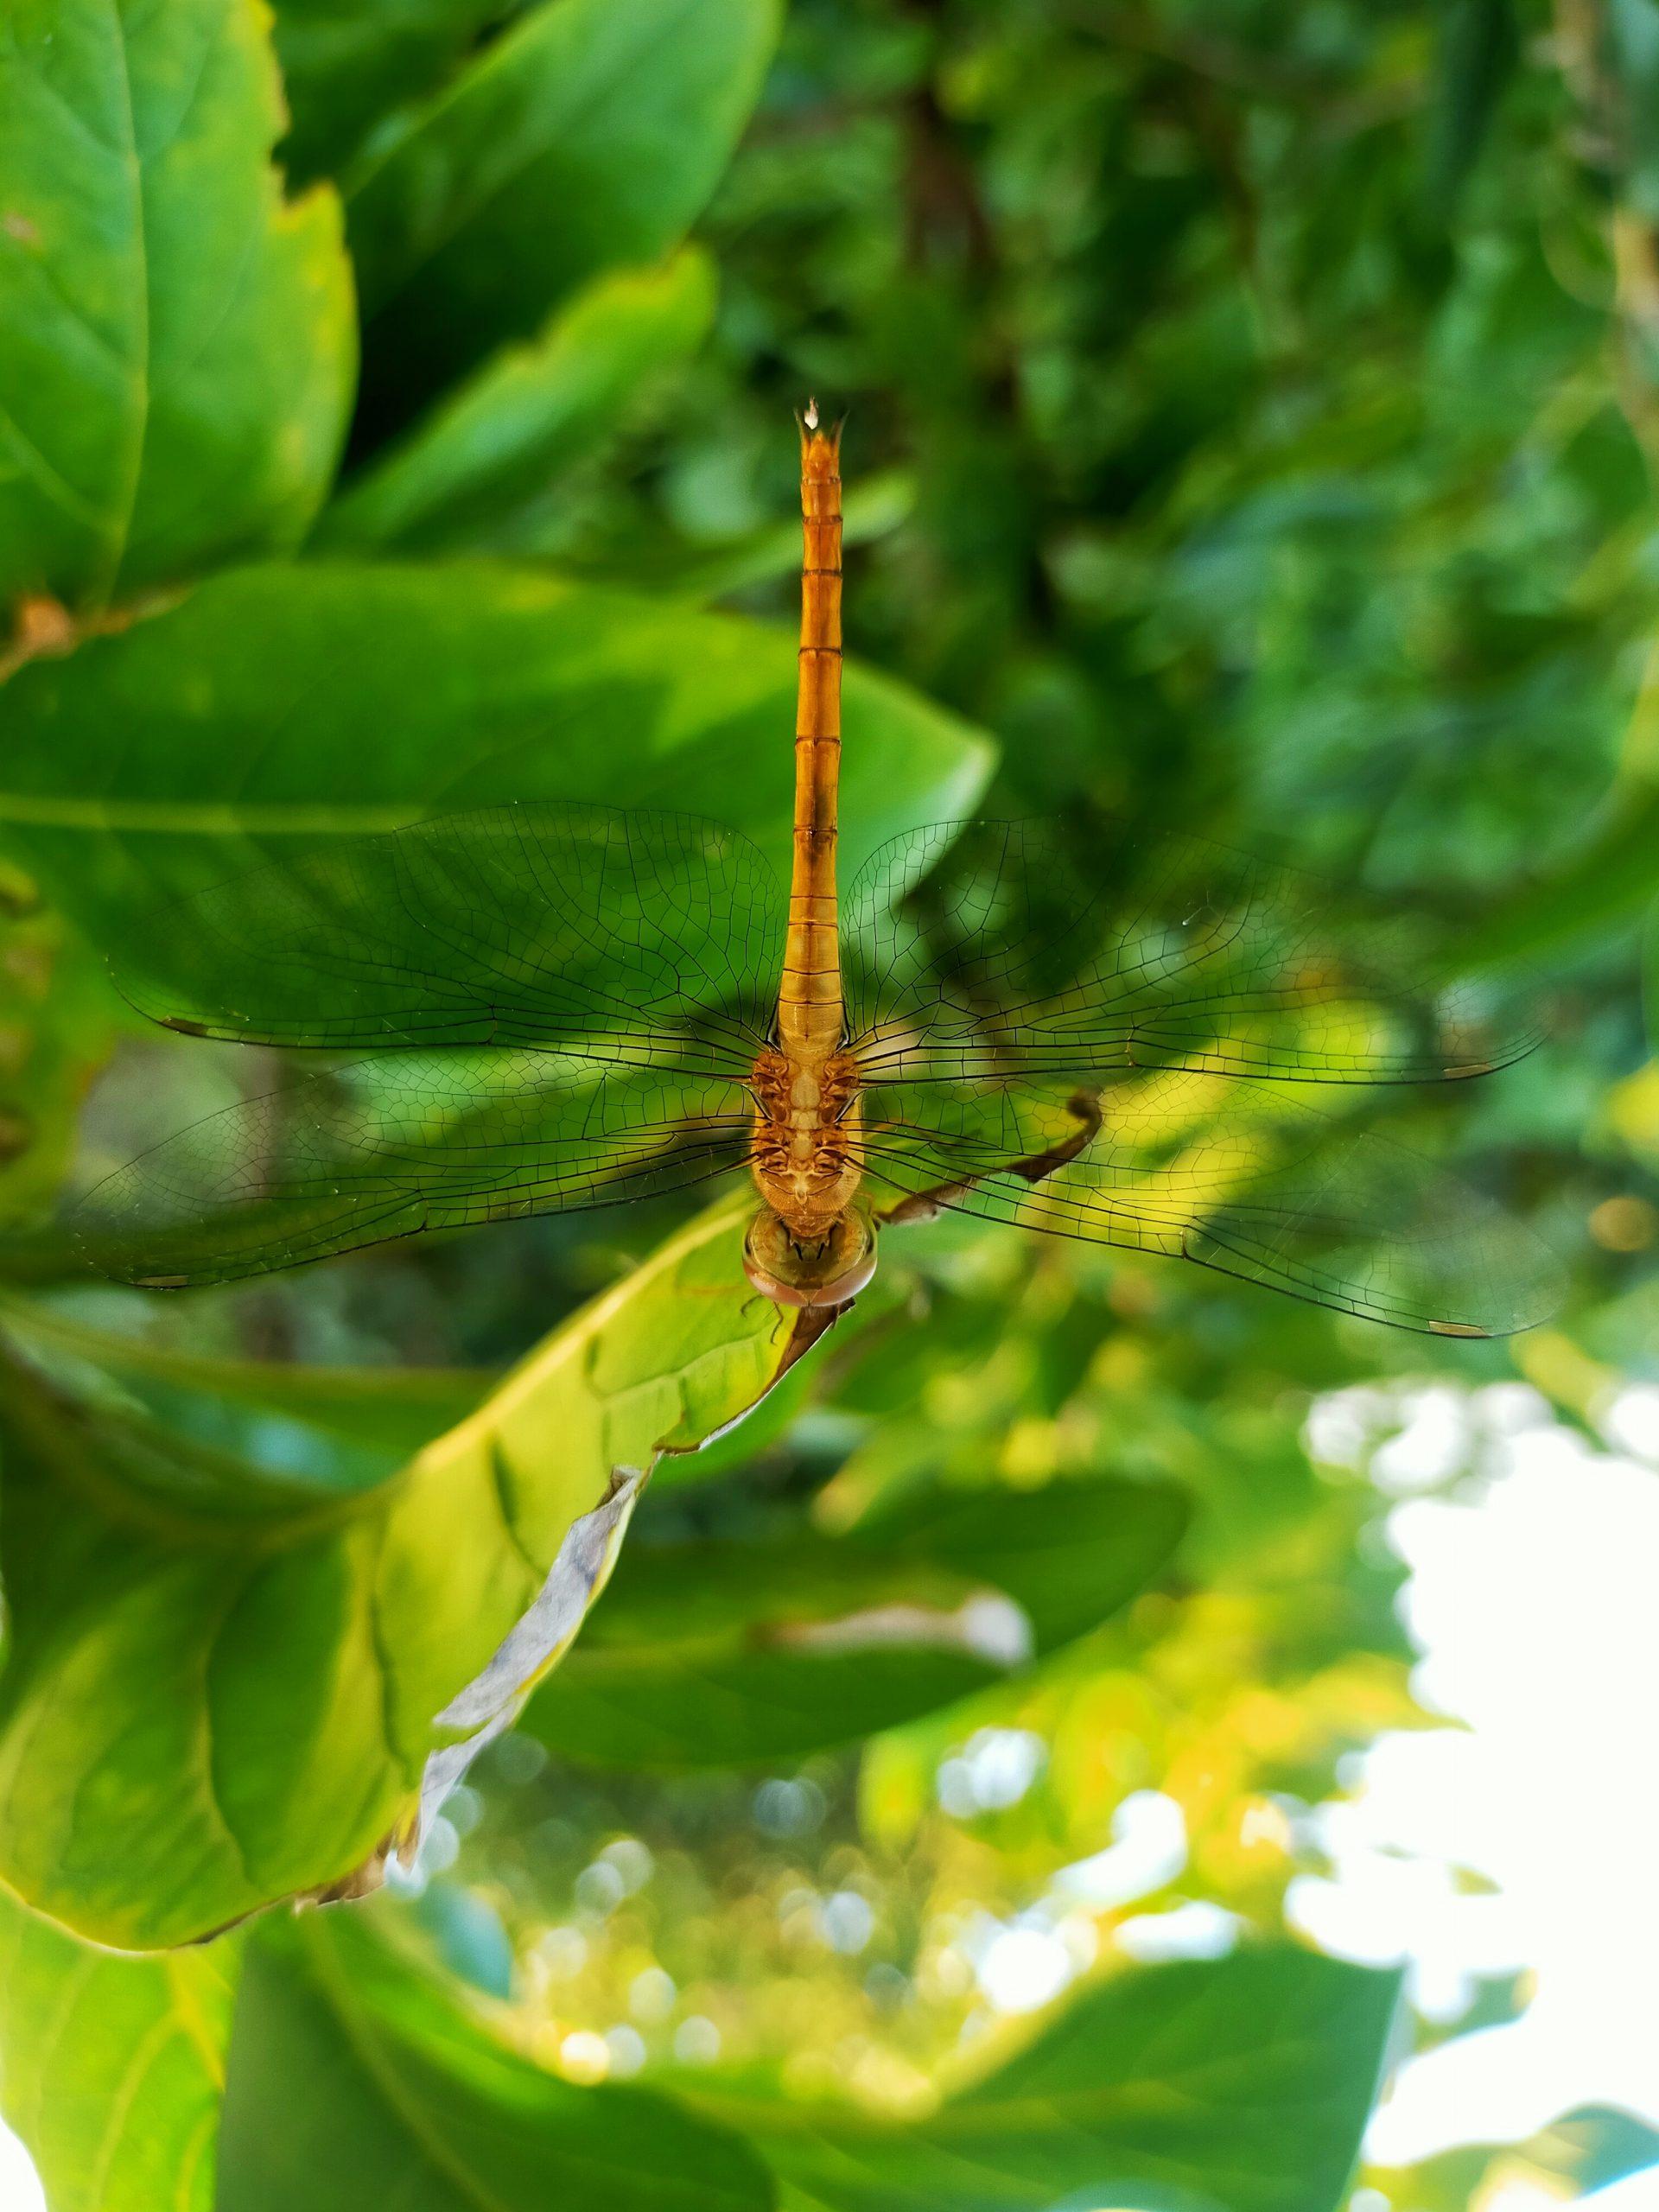 dragon fly on a leaf